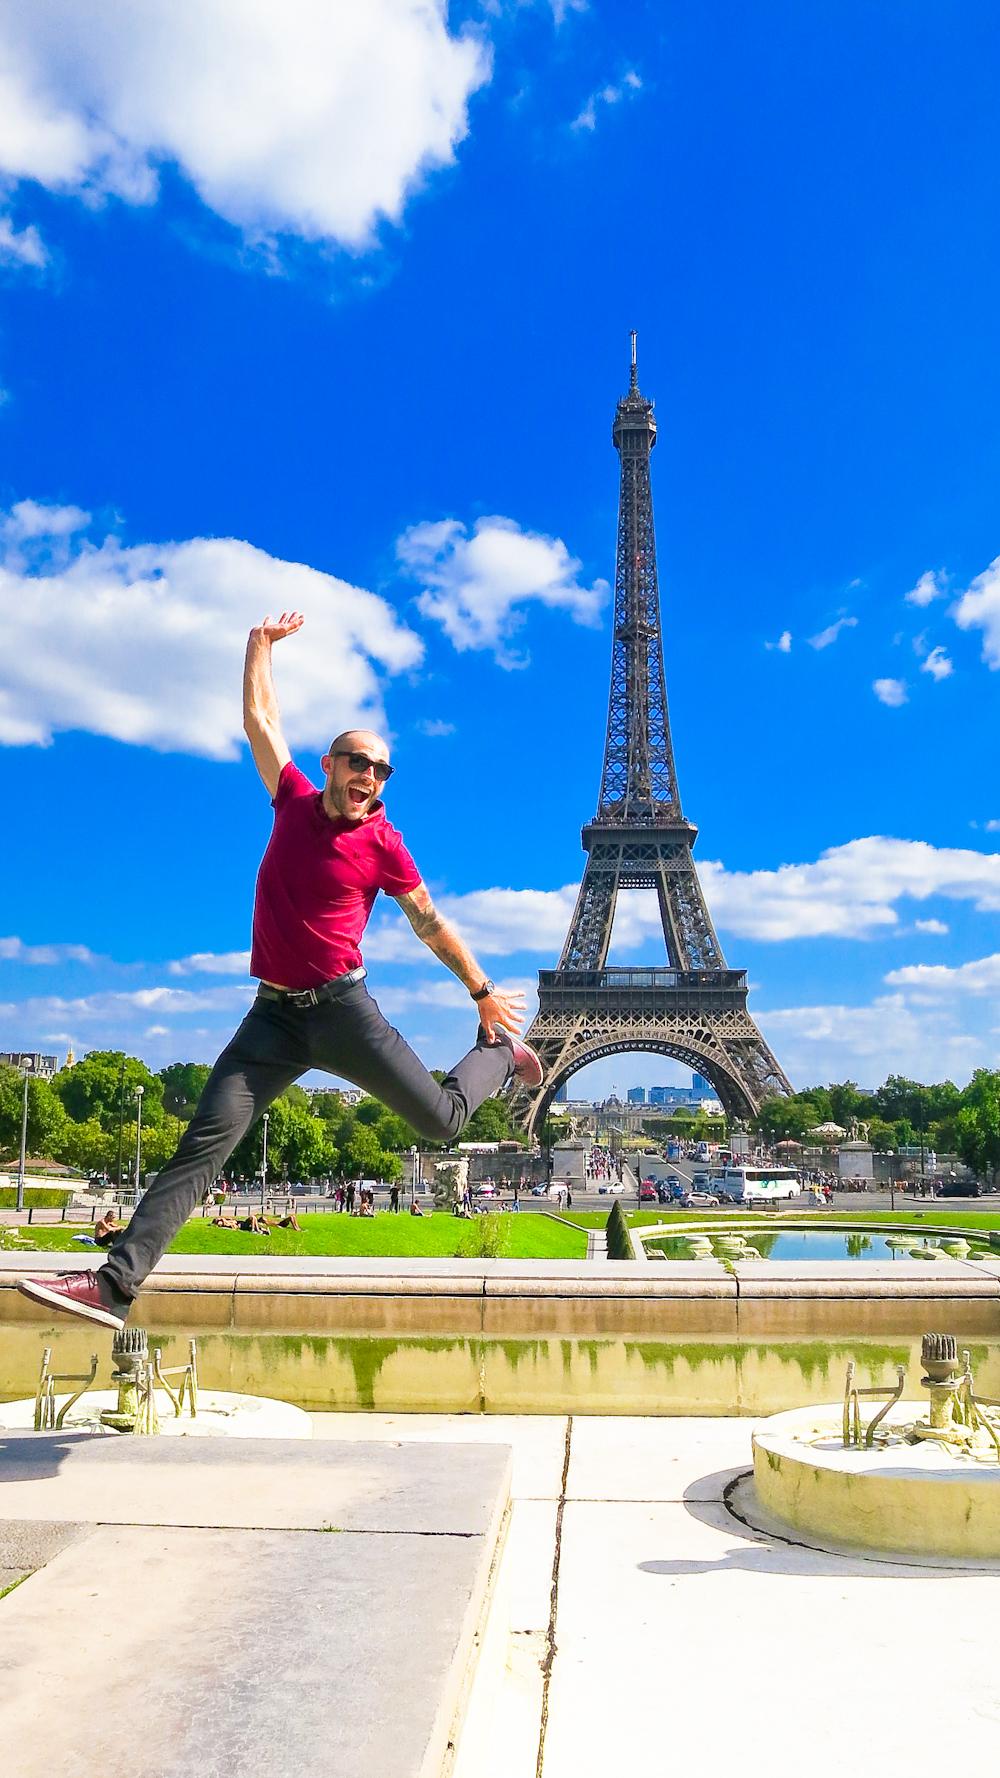 Kamy Bruder in Paris, France